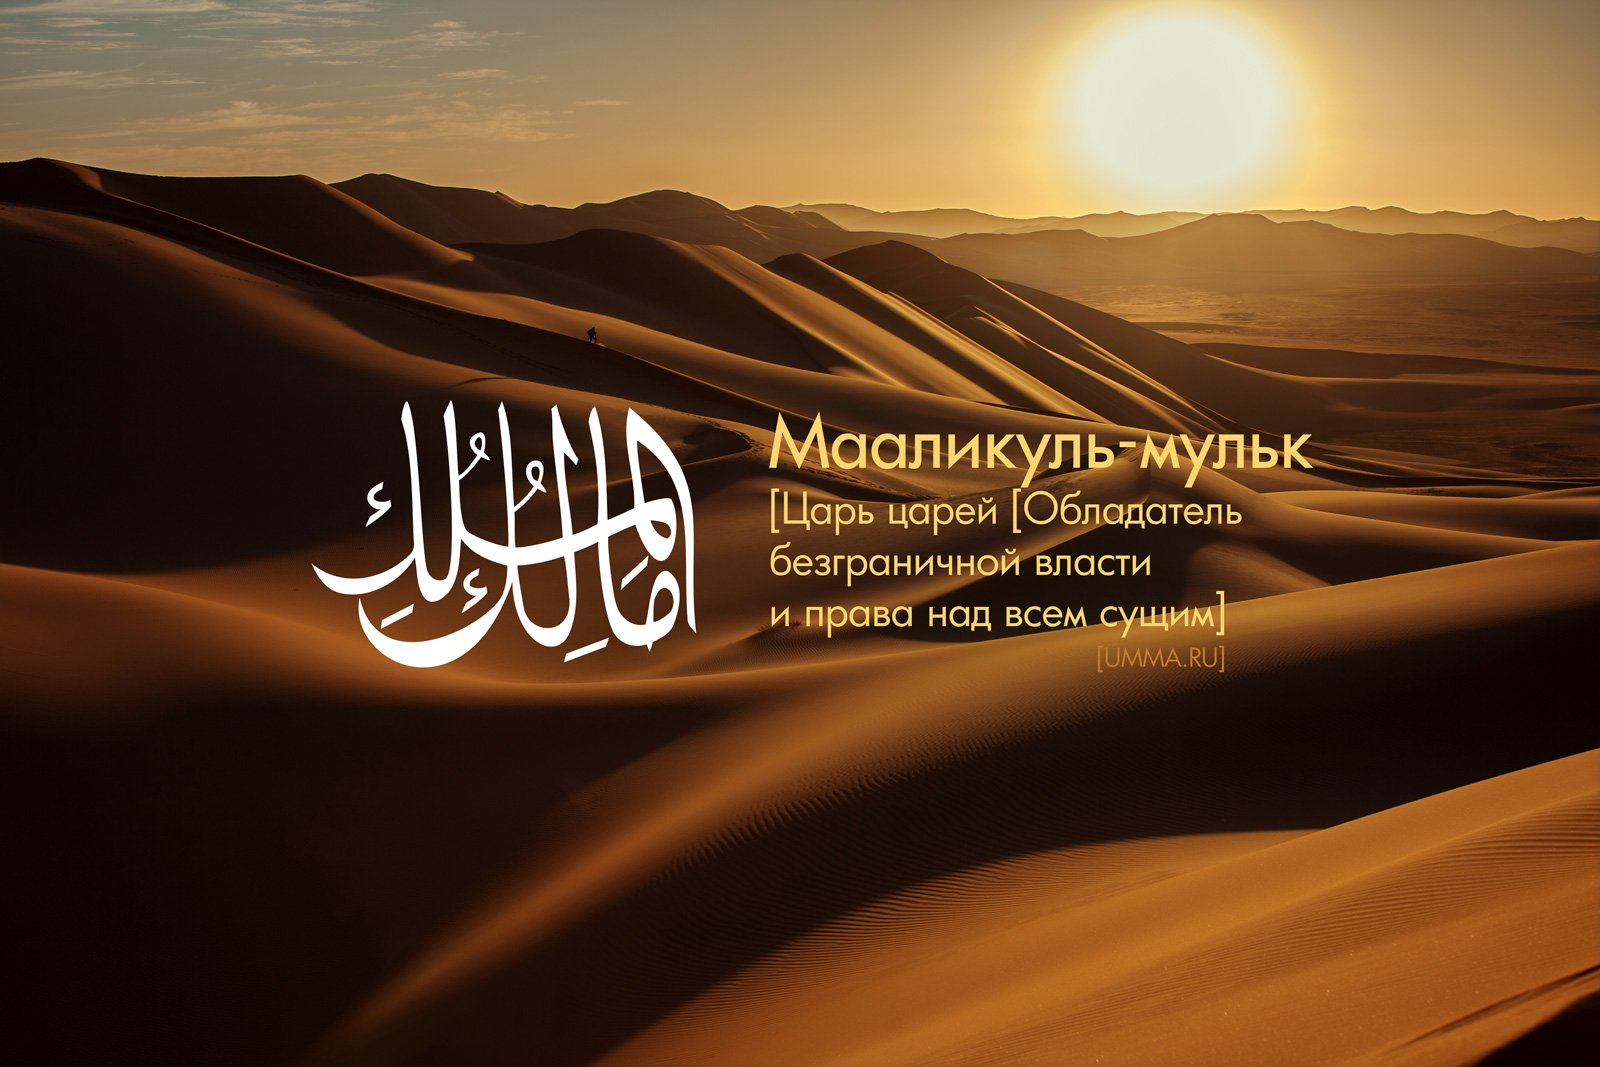 картинки с именами аллаха очень